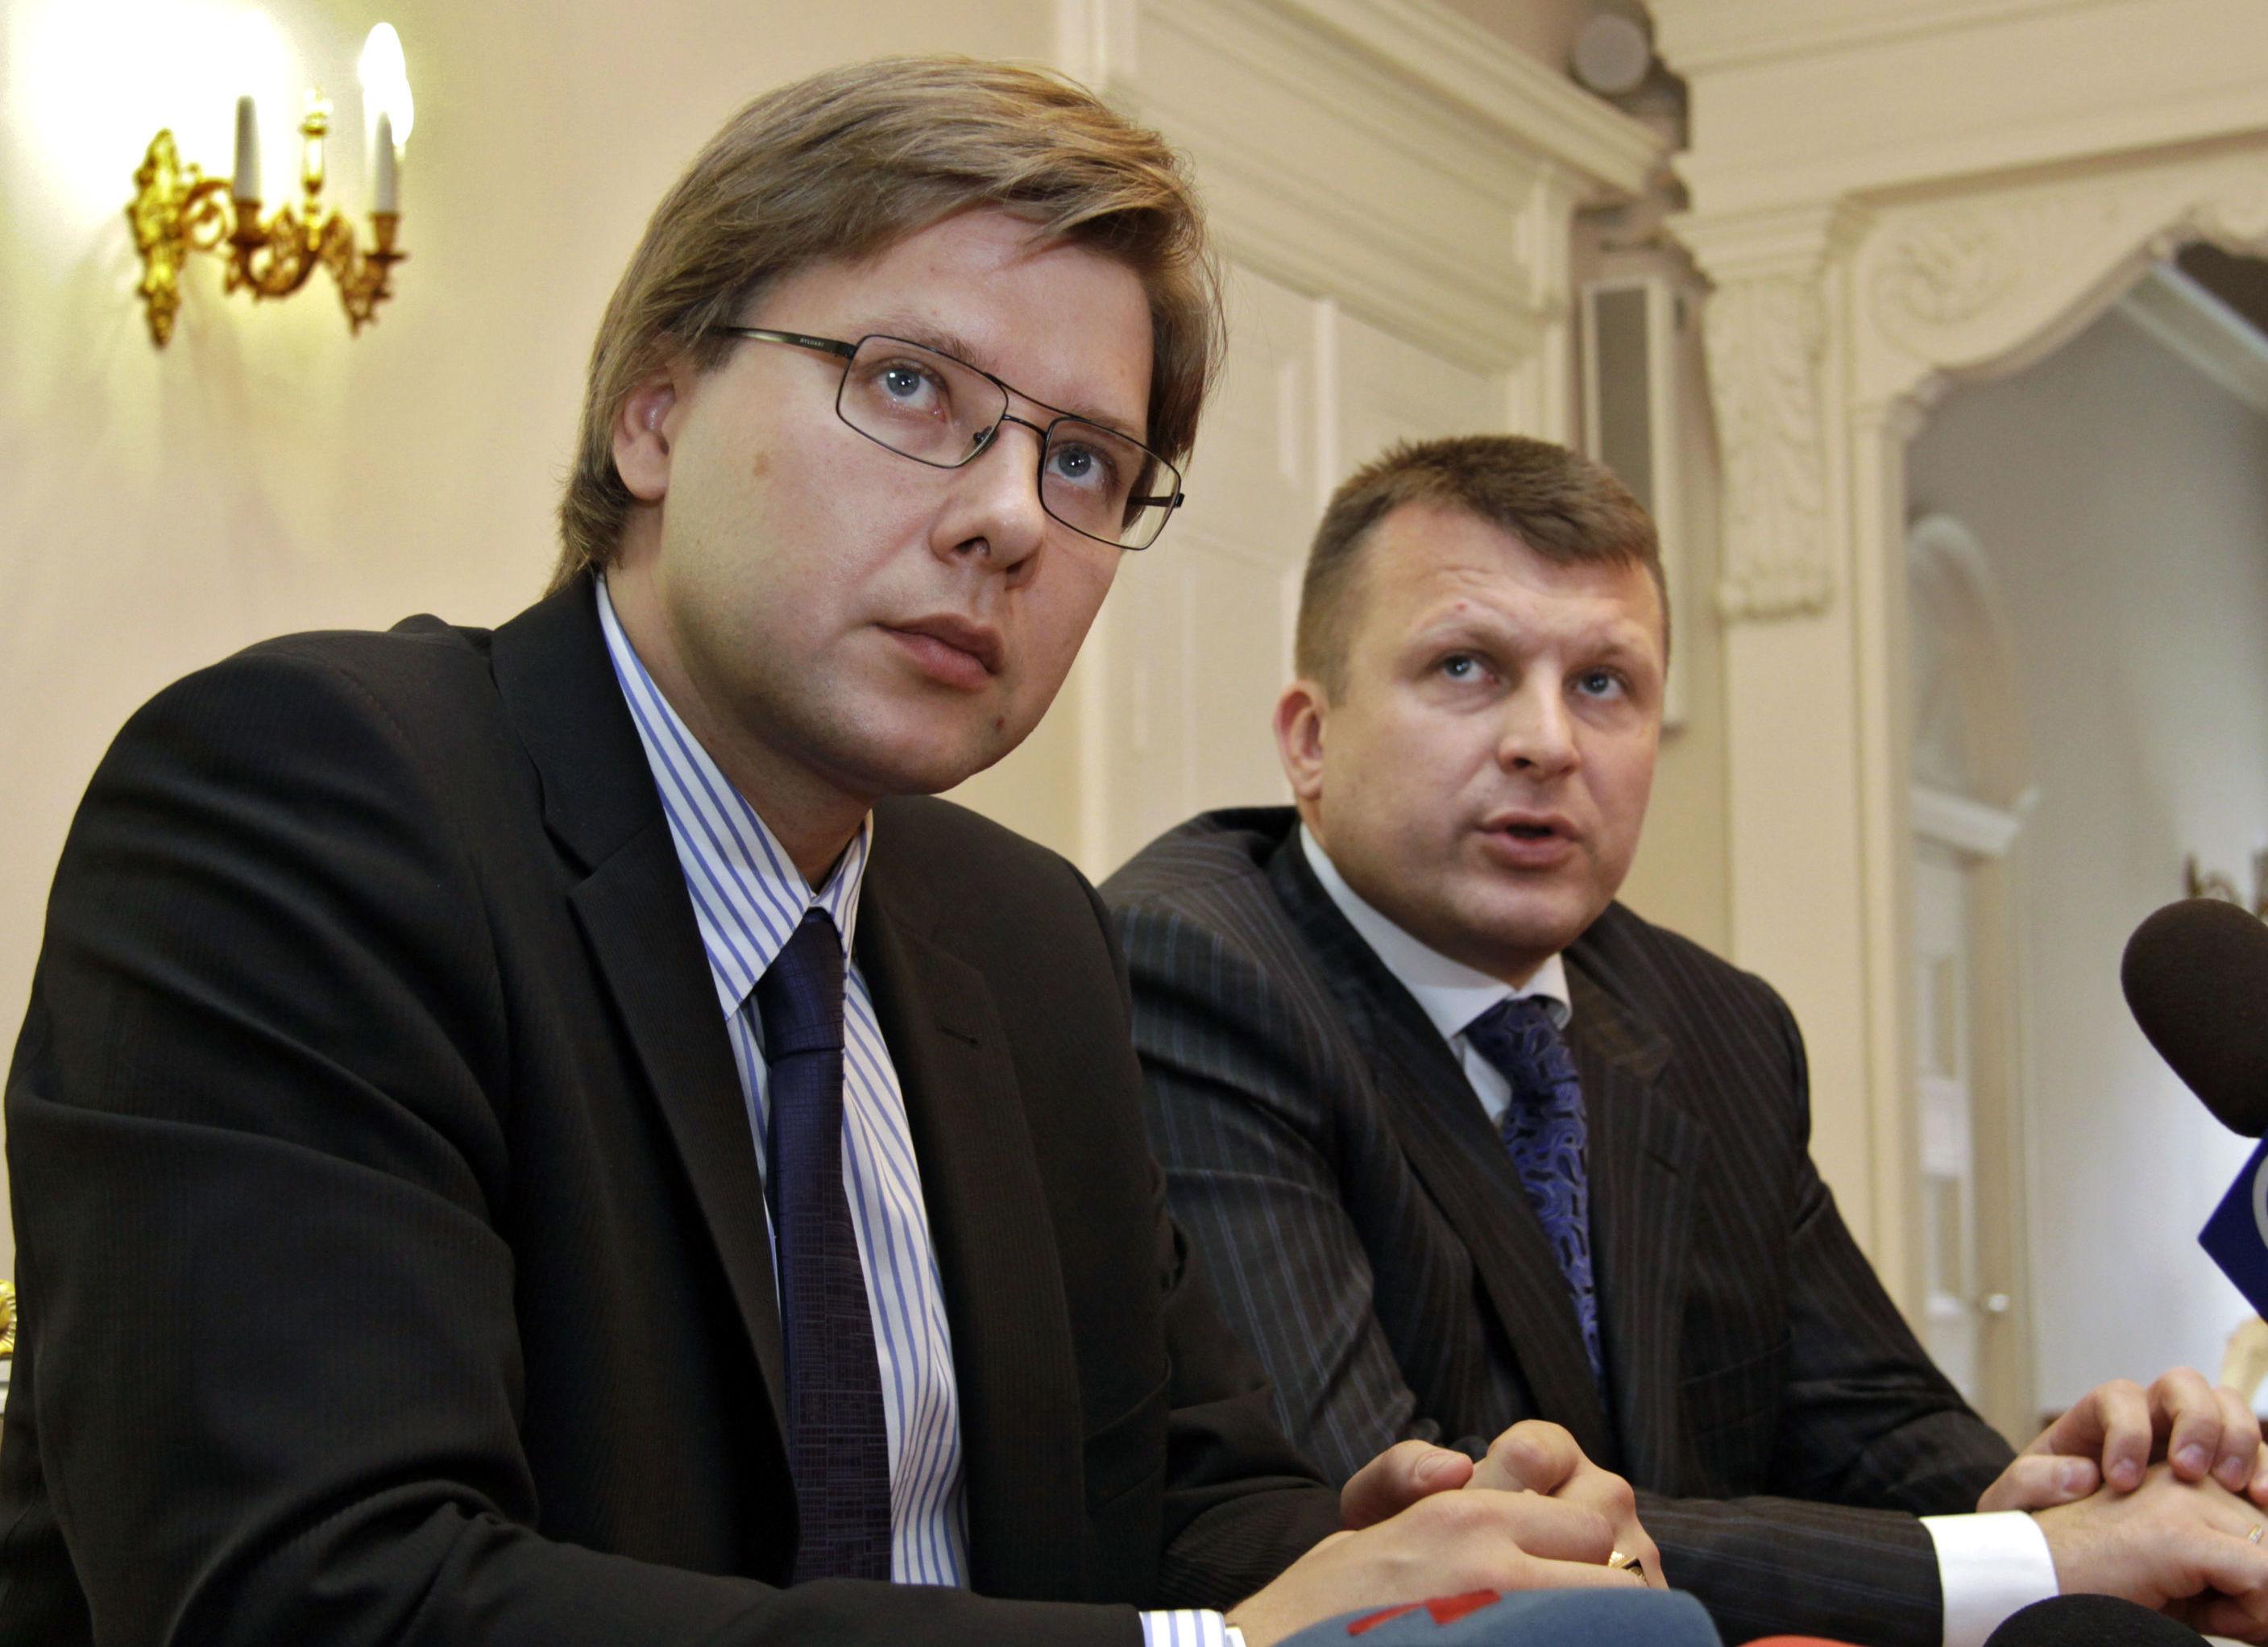 """Председатель объединения """"Центр согласия"""" Нил Ушаков утвержден на должность мэра Риги, 2009"""